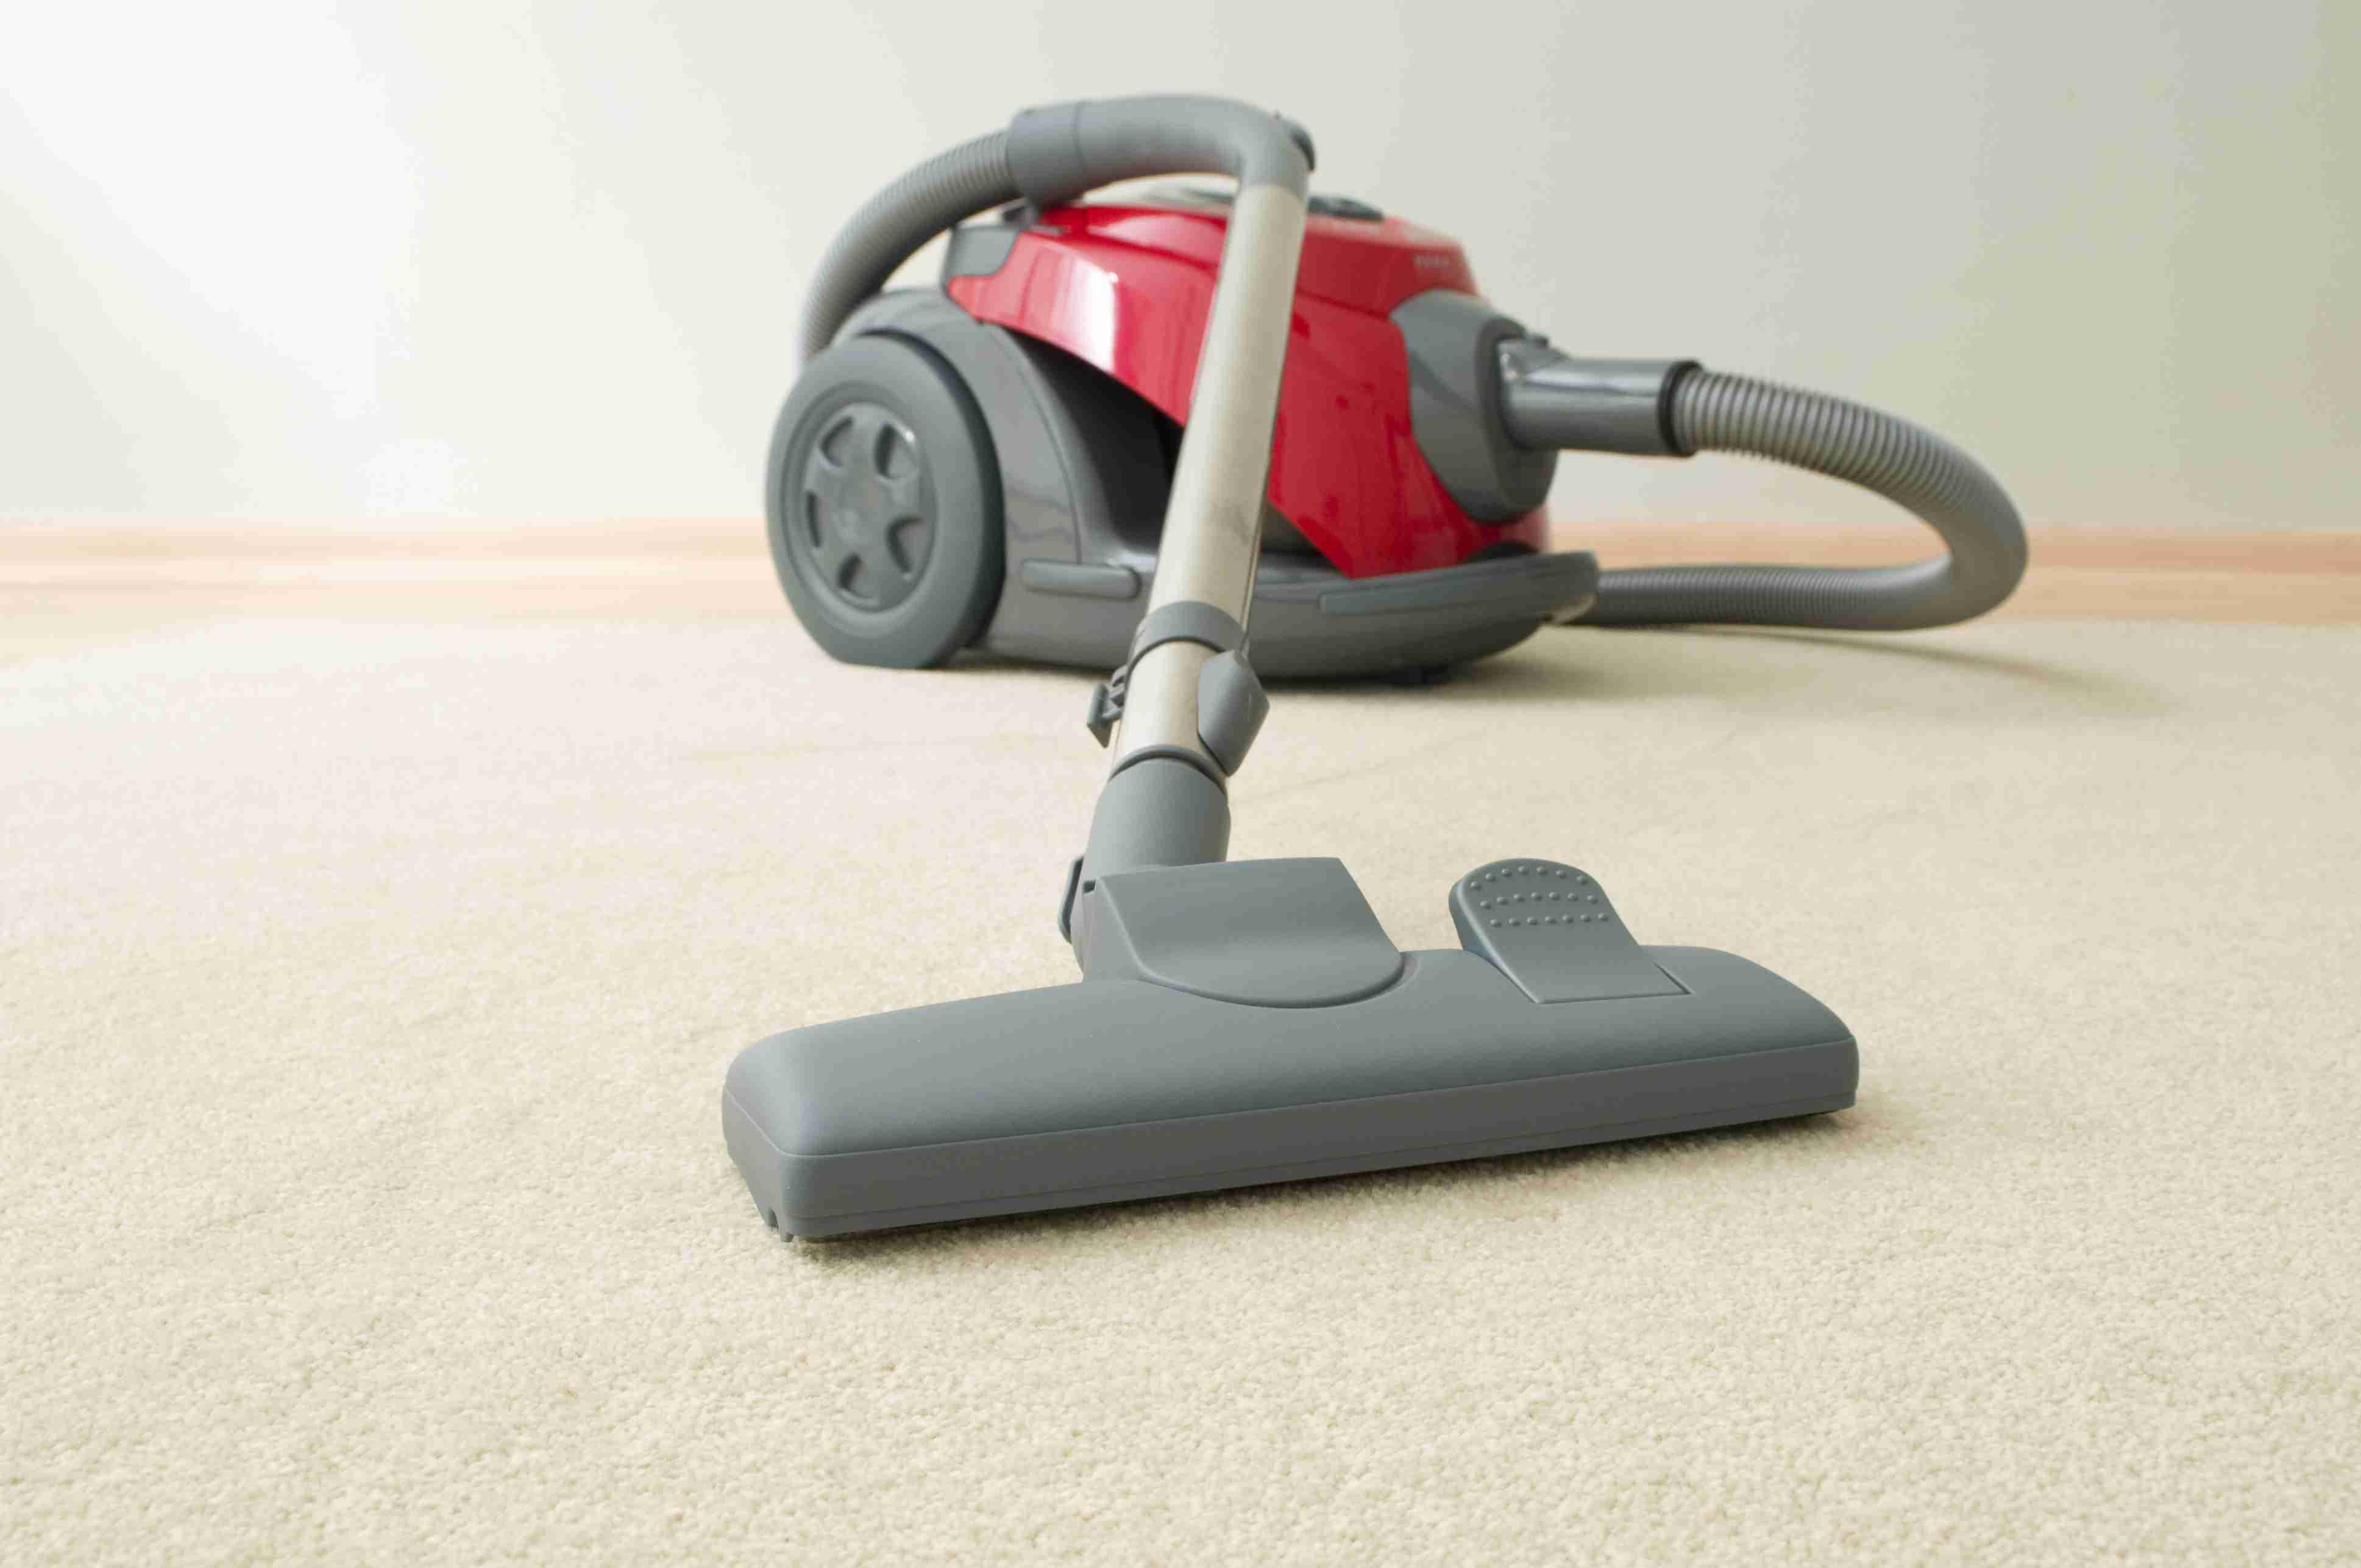 Vacuum cleaner resting on carpet